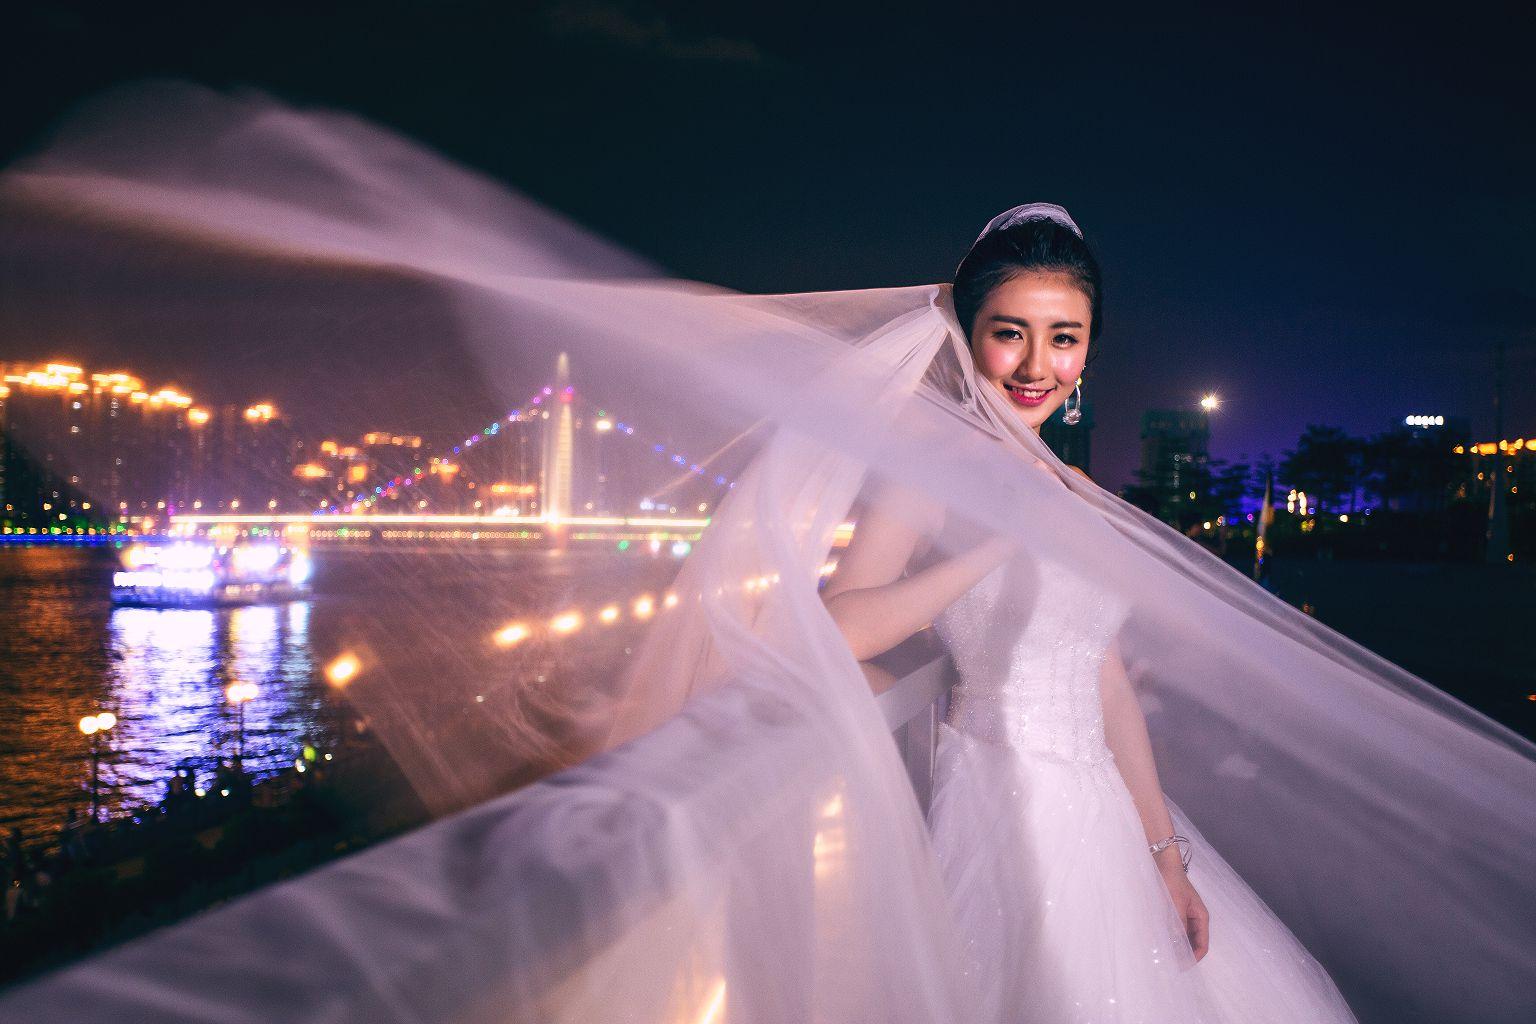 广州夜景婚纱照去哪里拍?这里有一份攻略